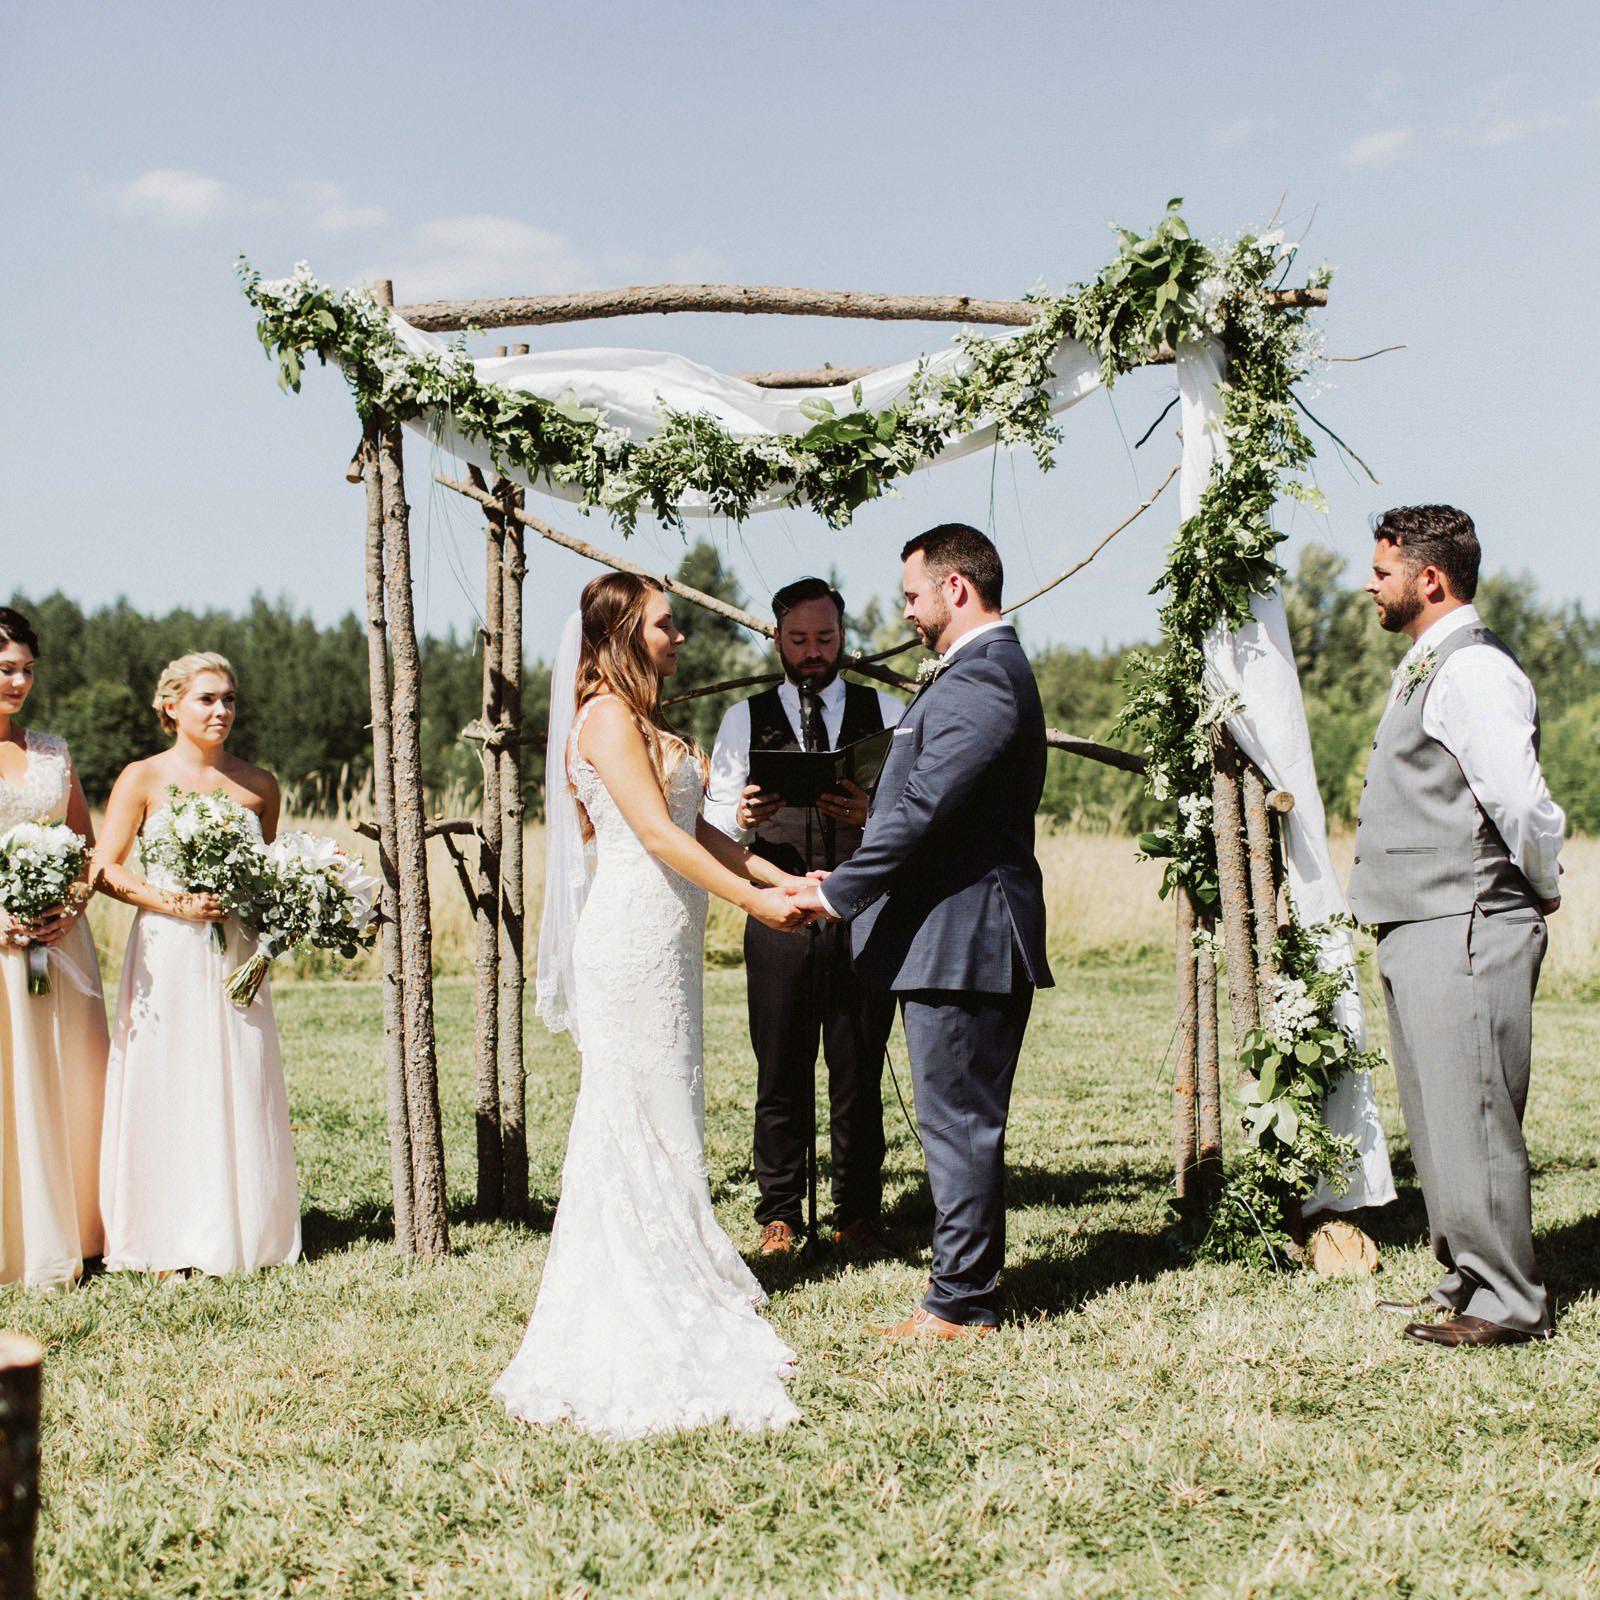 drewtiawna-blog-22 YELLOW BARN WEDDING